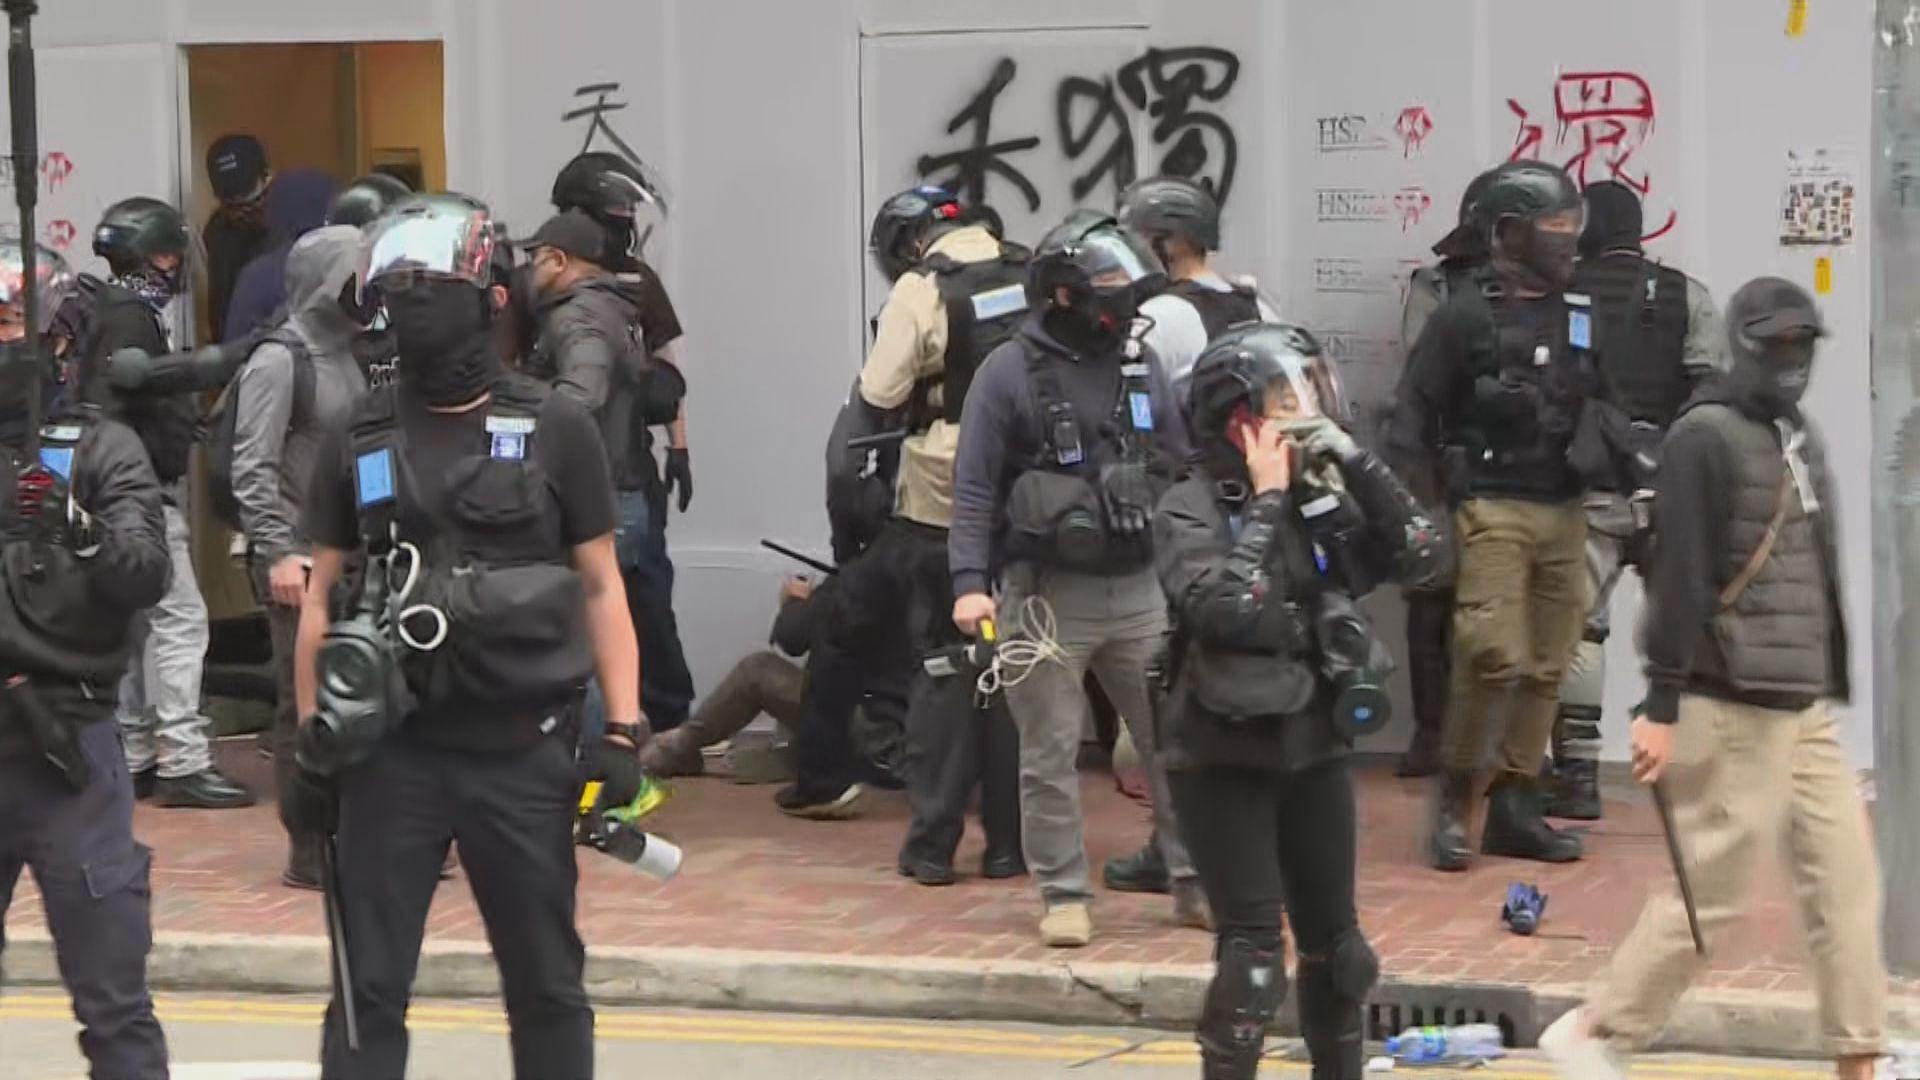 灣仔滙豐銀行外警放催淚彈 民陣隨後宣布緊急解散遊行